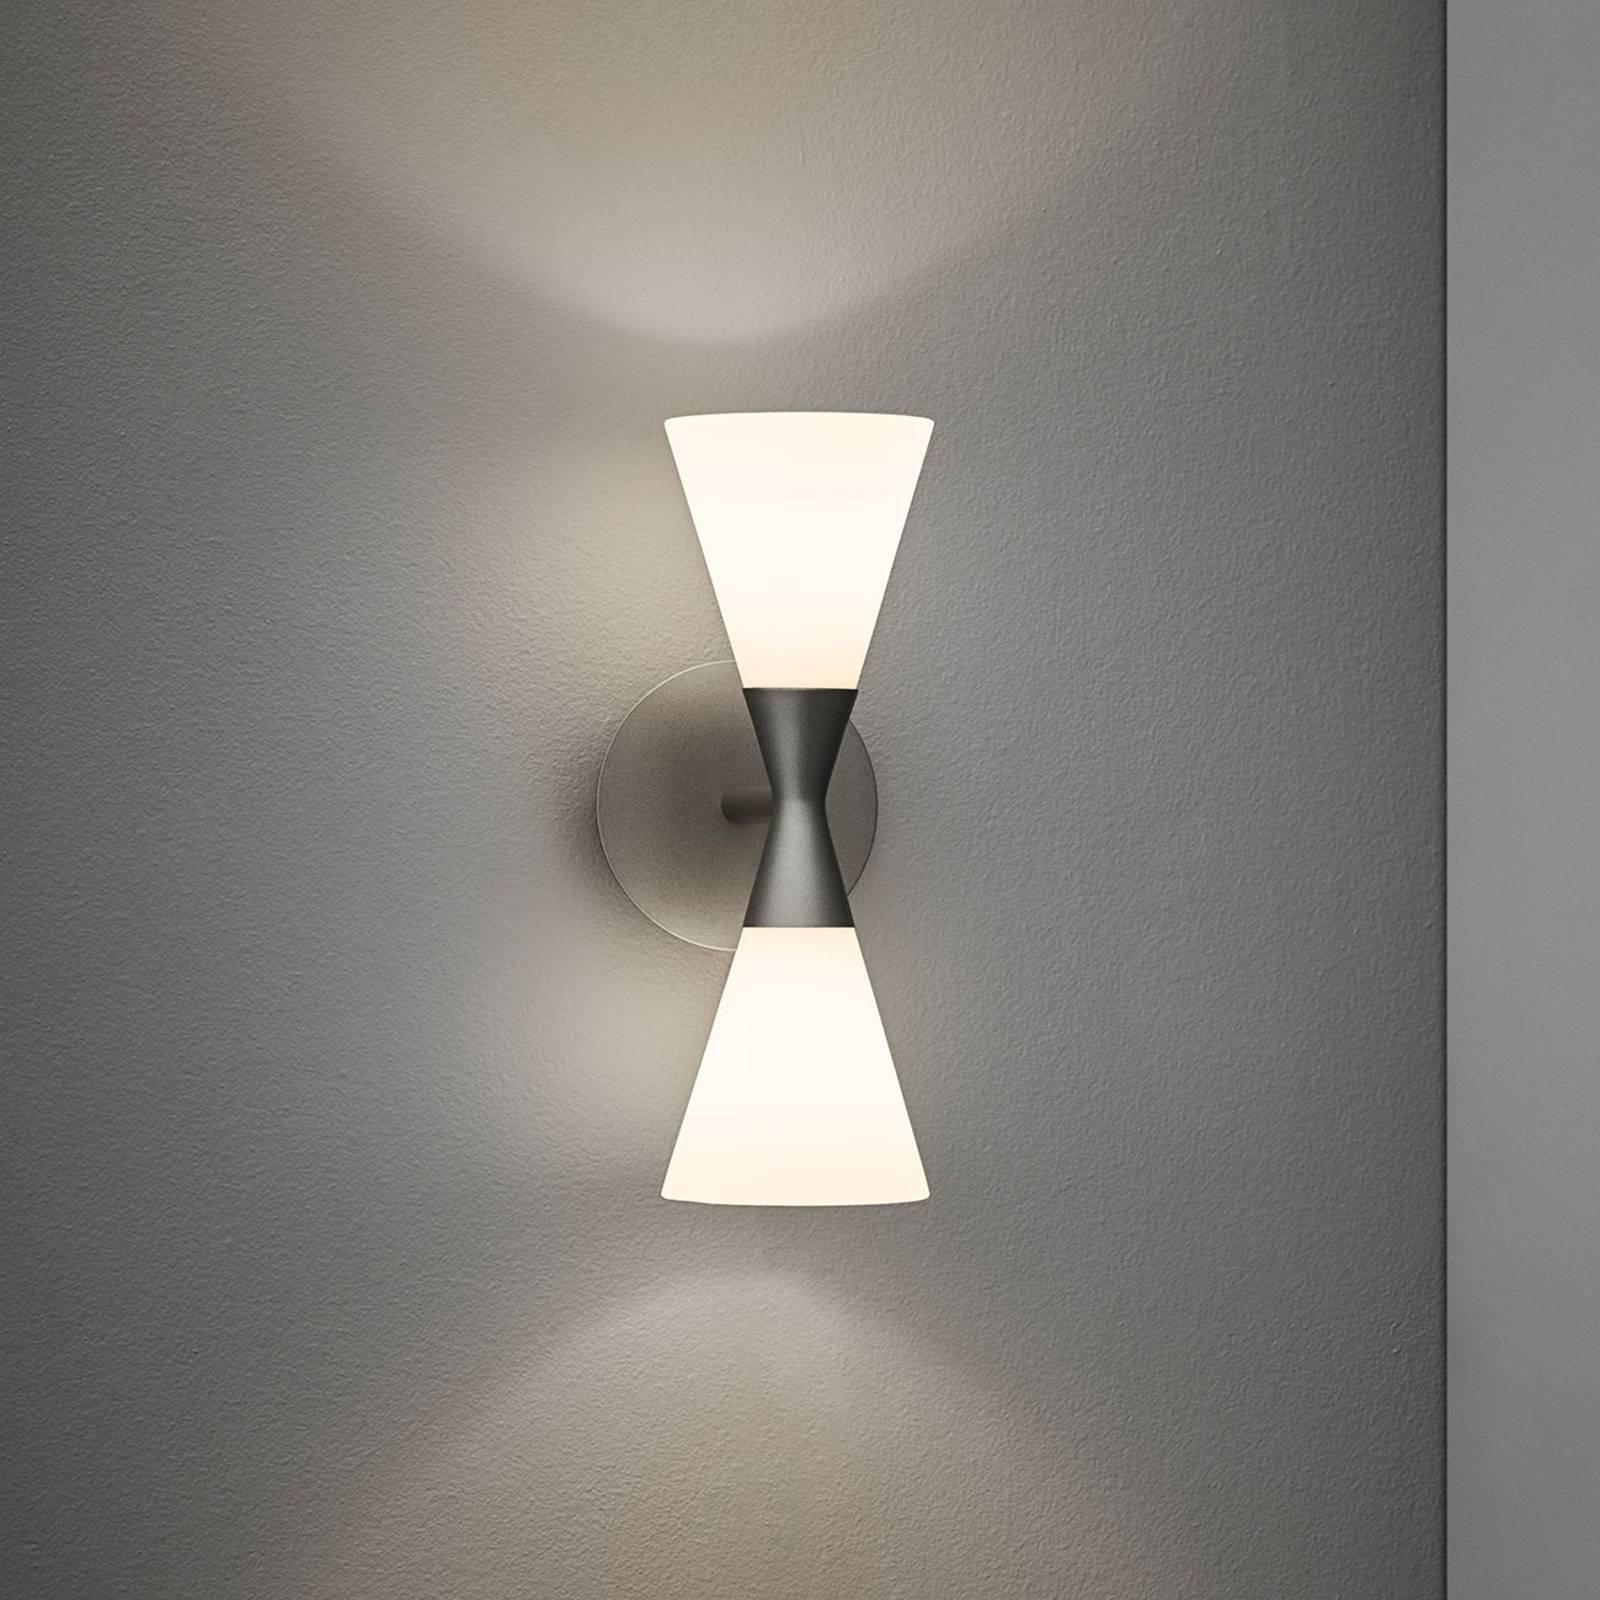 Vegglampe Harlekin med plugg, grafittgrå